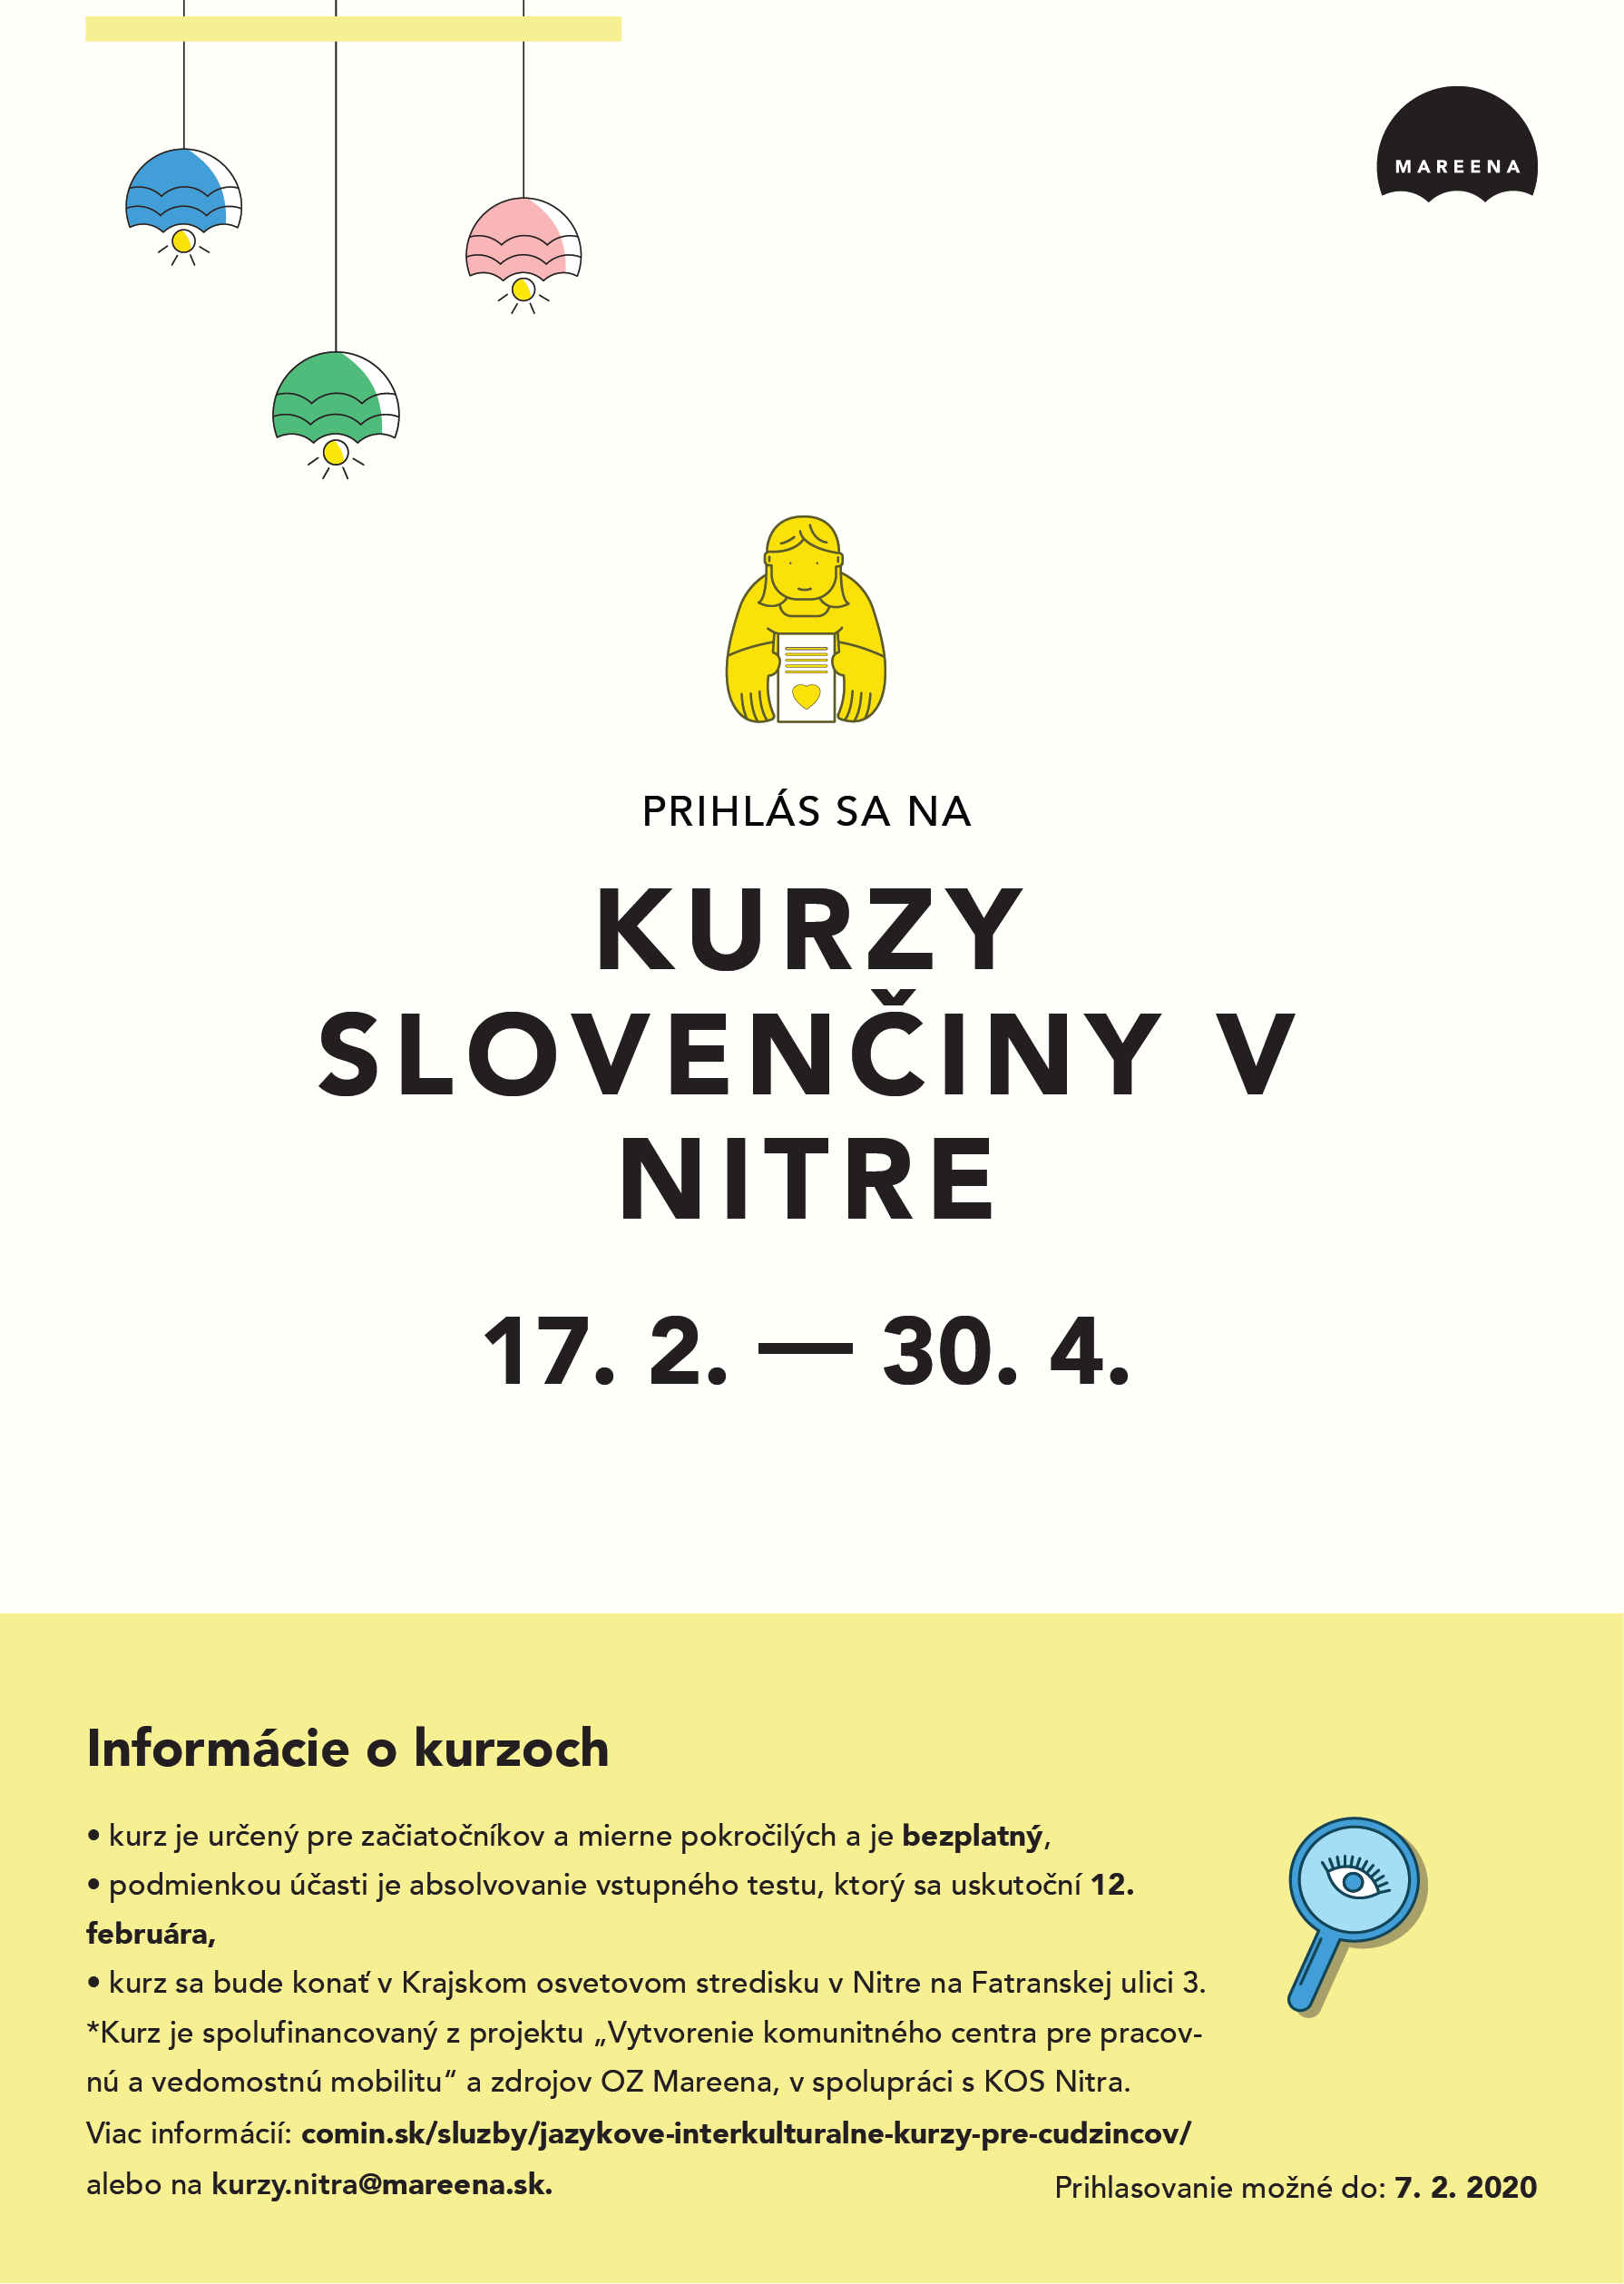 Prihláste sa na kurz slovenčiny